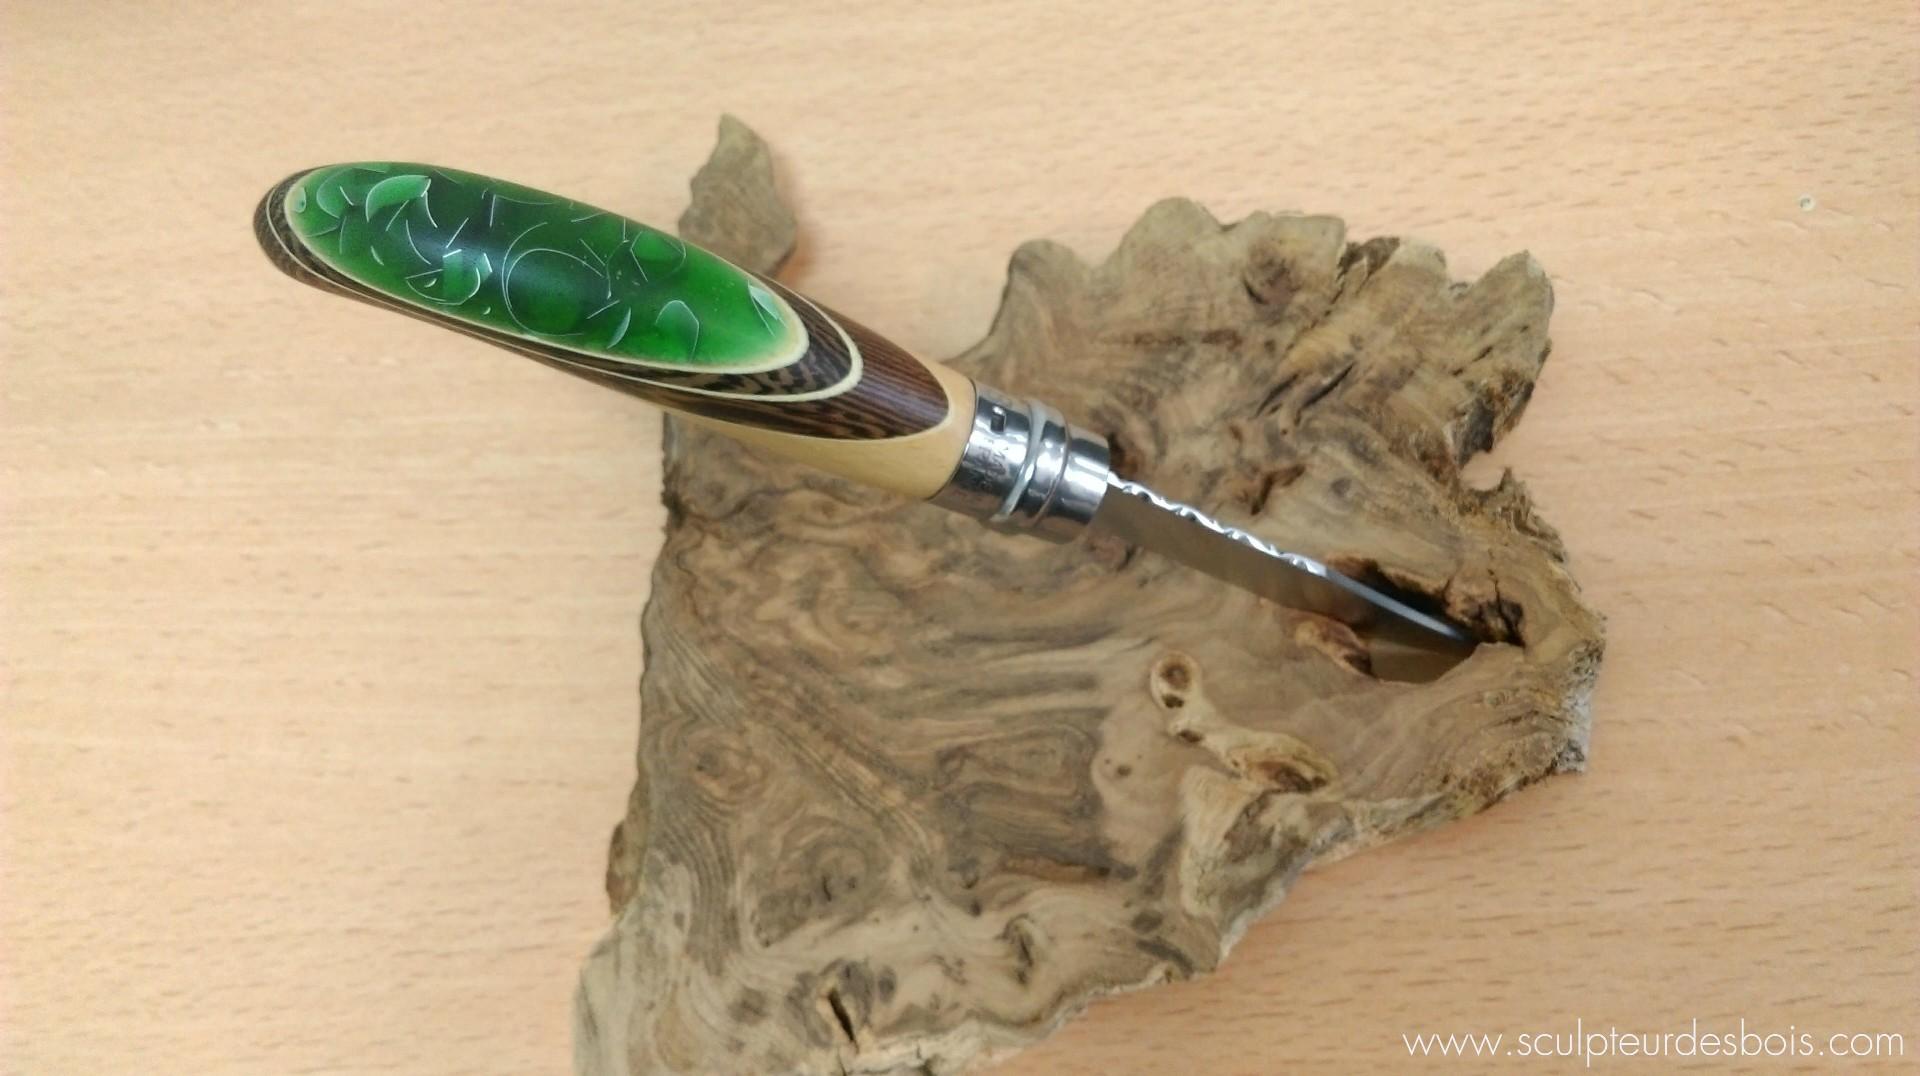 Opinel n°8 bois wengé, filets en charme et inclusion de copeaux d'aluminium